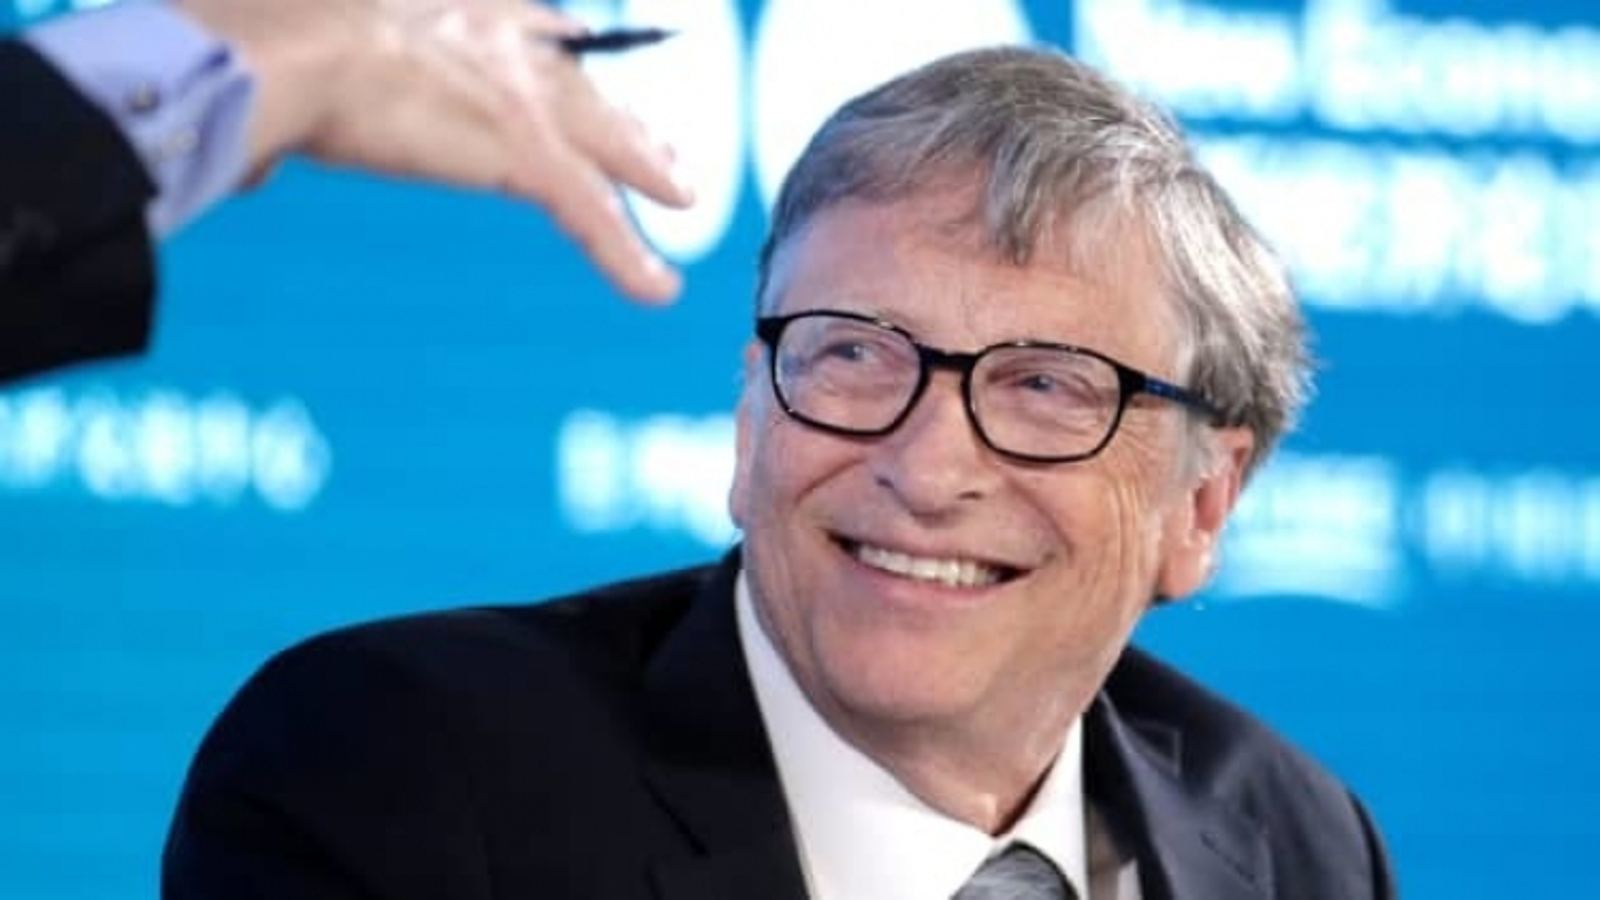 Tỷ phú Bill Gates: Công nghệ khí hậu sẽ sinh ra nhiều Tesla